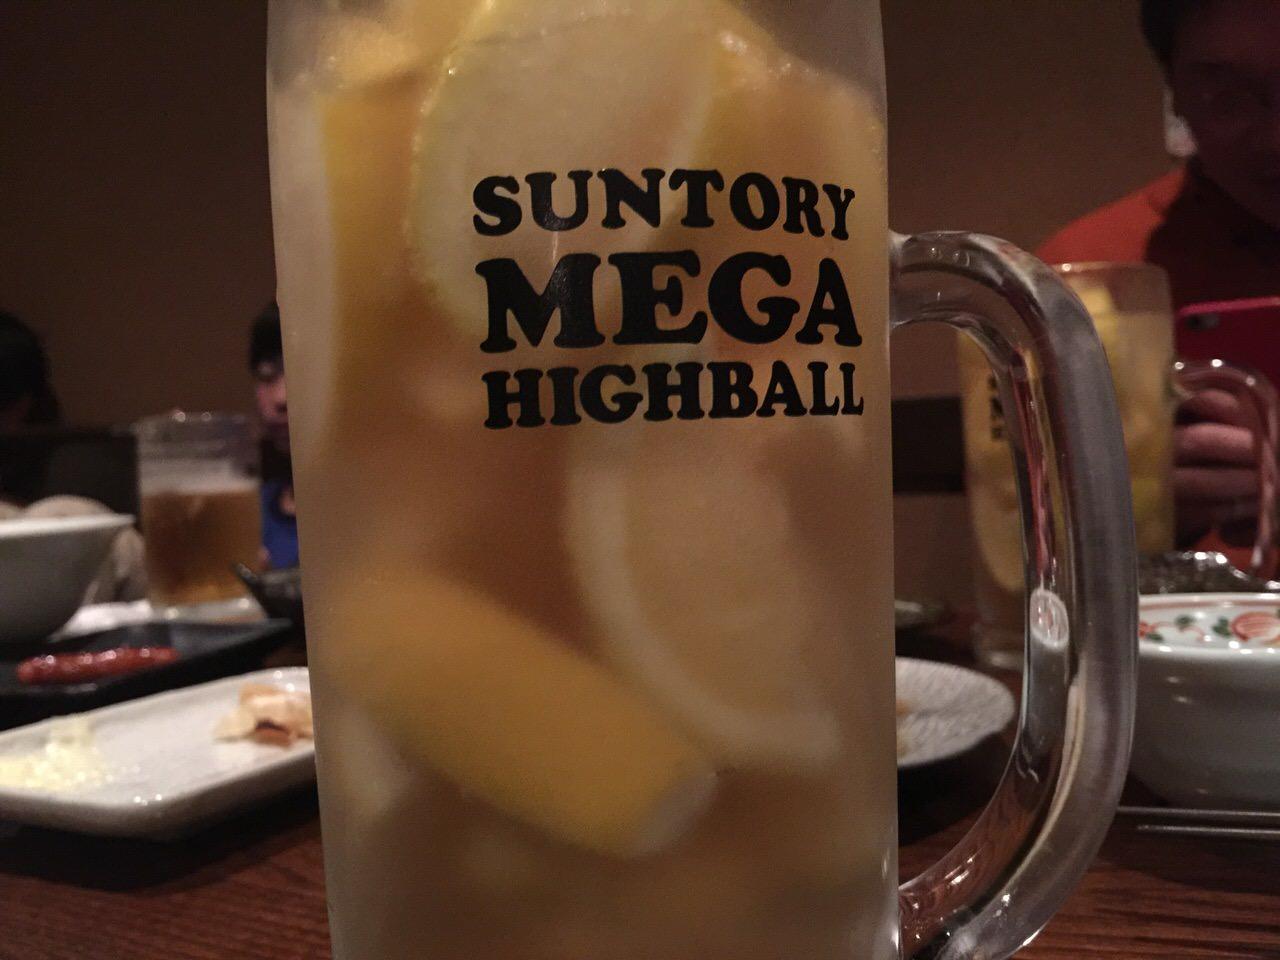 凍結レモンが丸ごと入った新しいハイボール「ビームハイ 丸ごと凍結レモン」を和浦酒場弐で飲んだ!